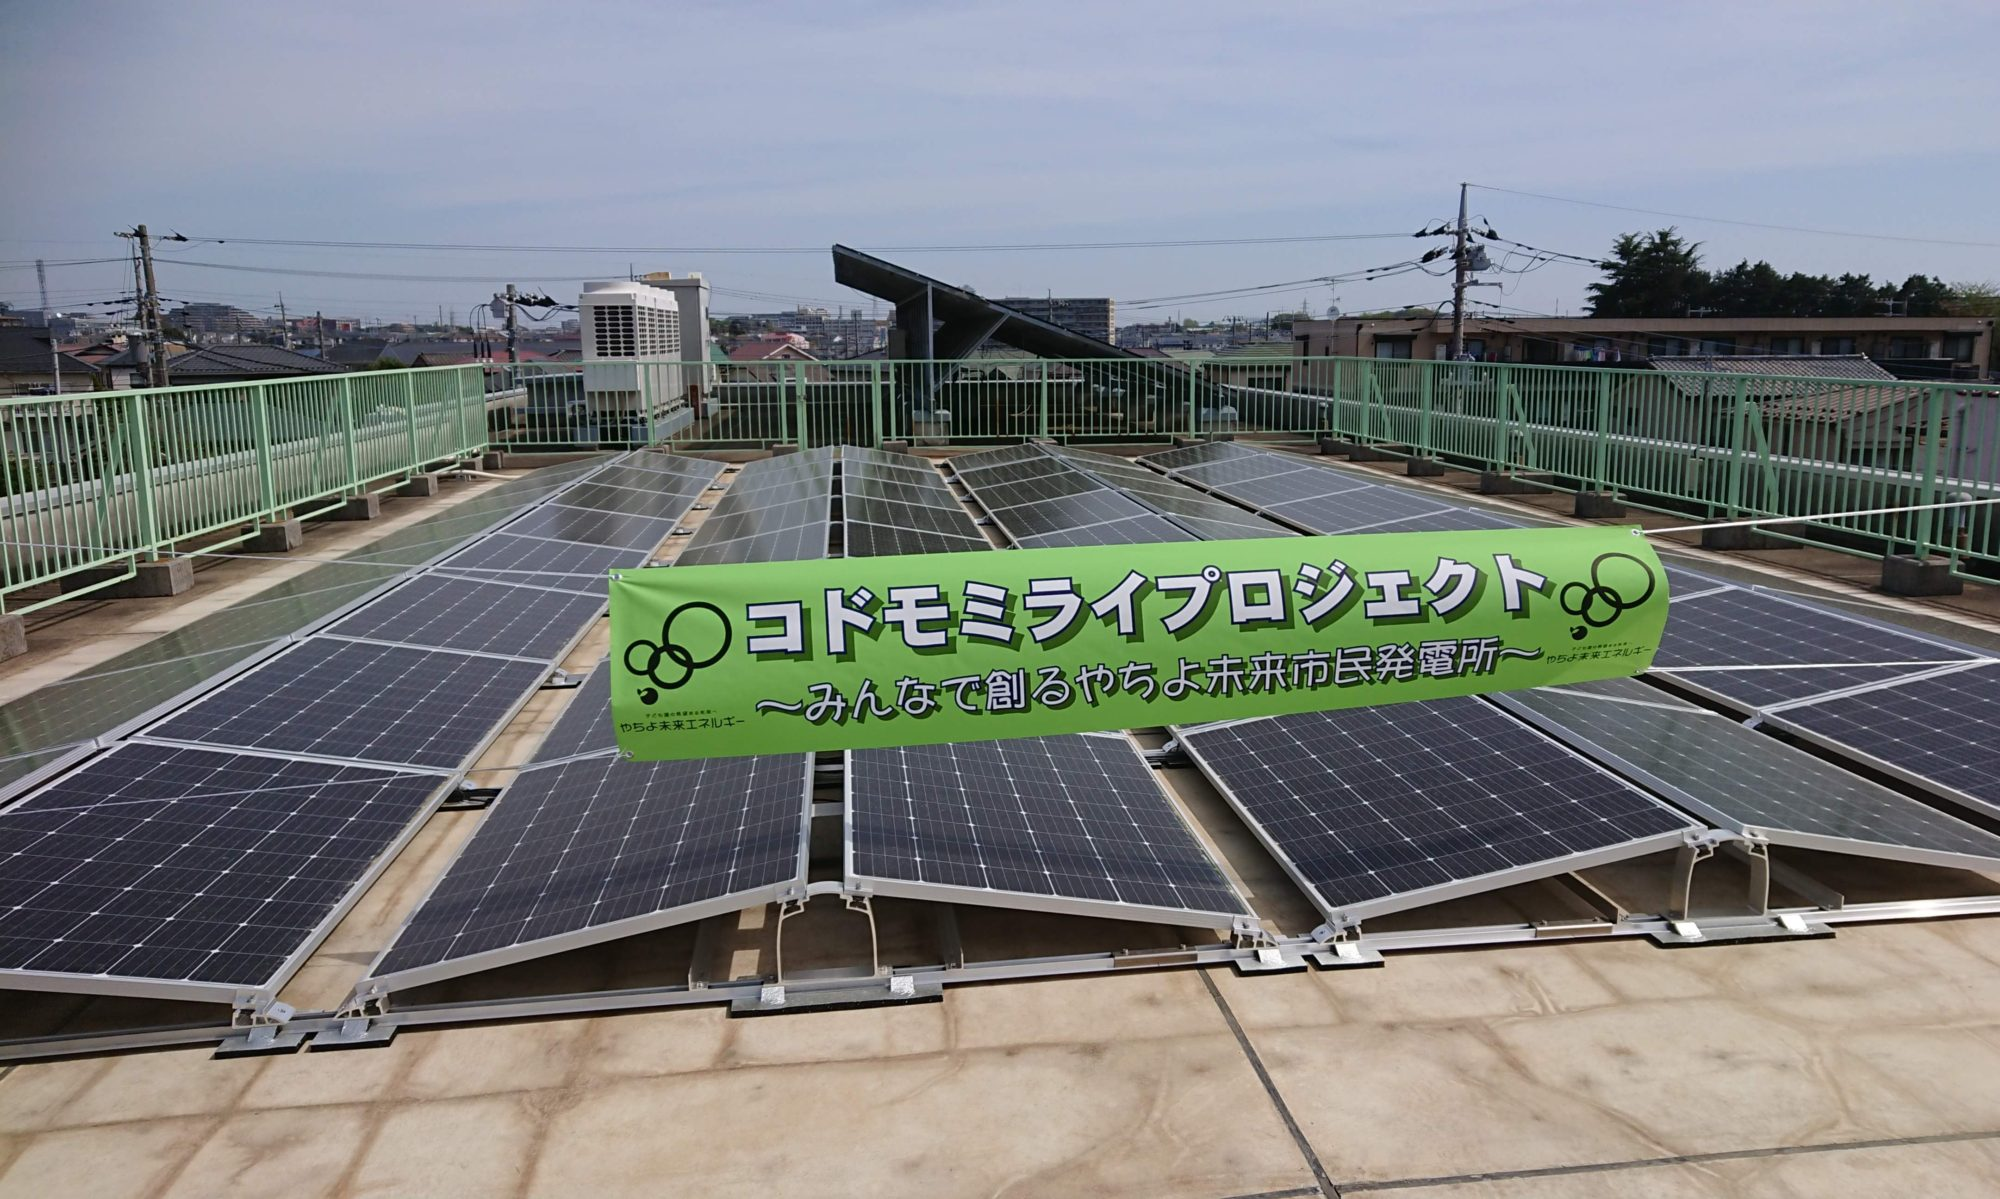 やちよ自然エネルギー市民協議会